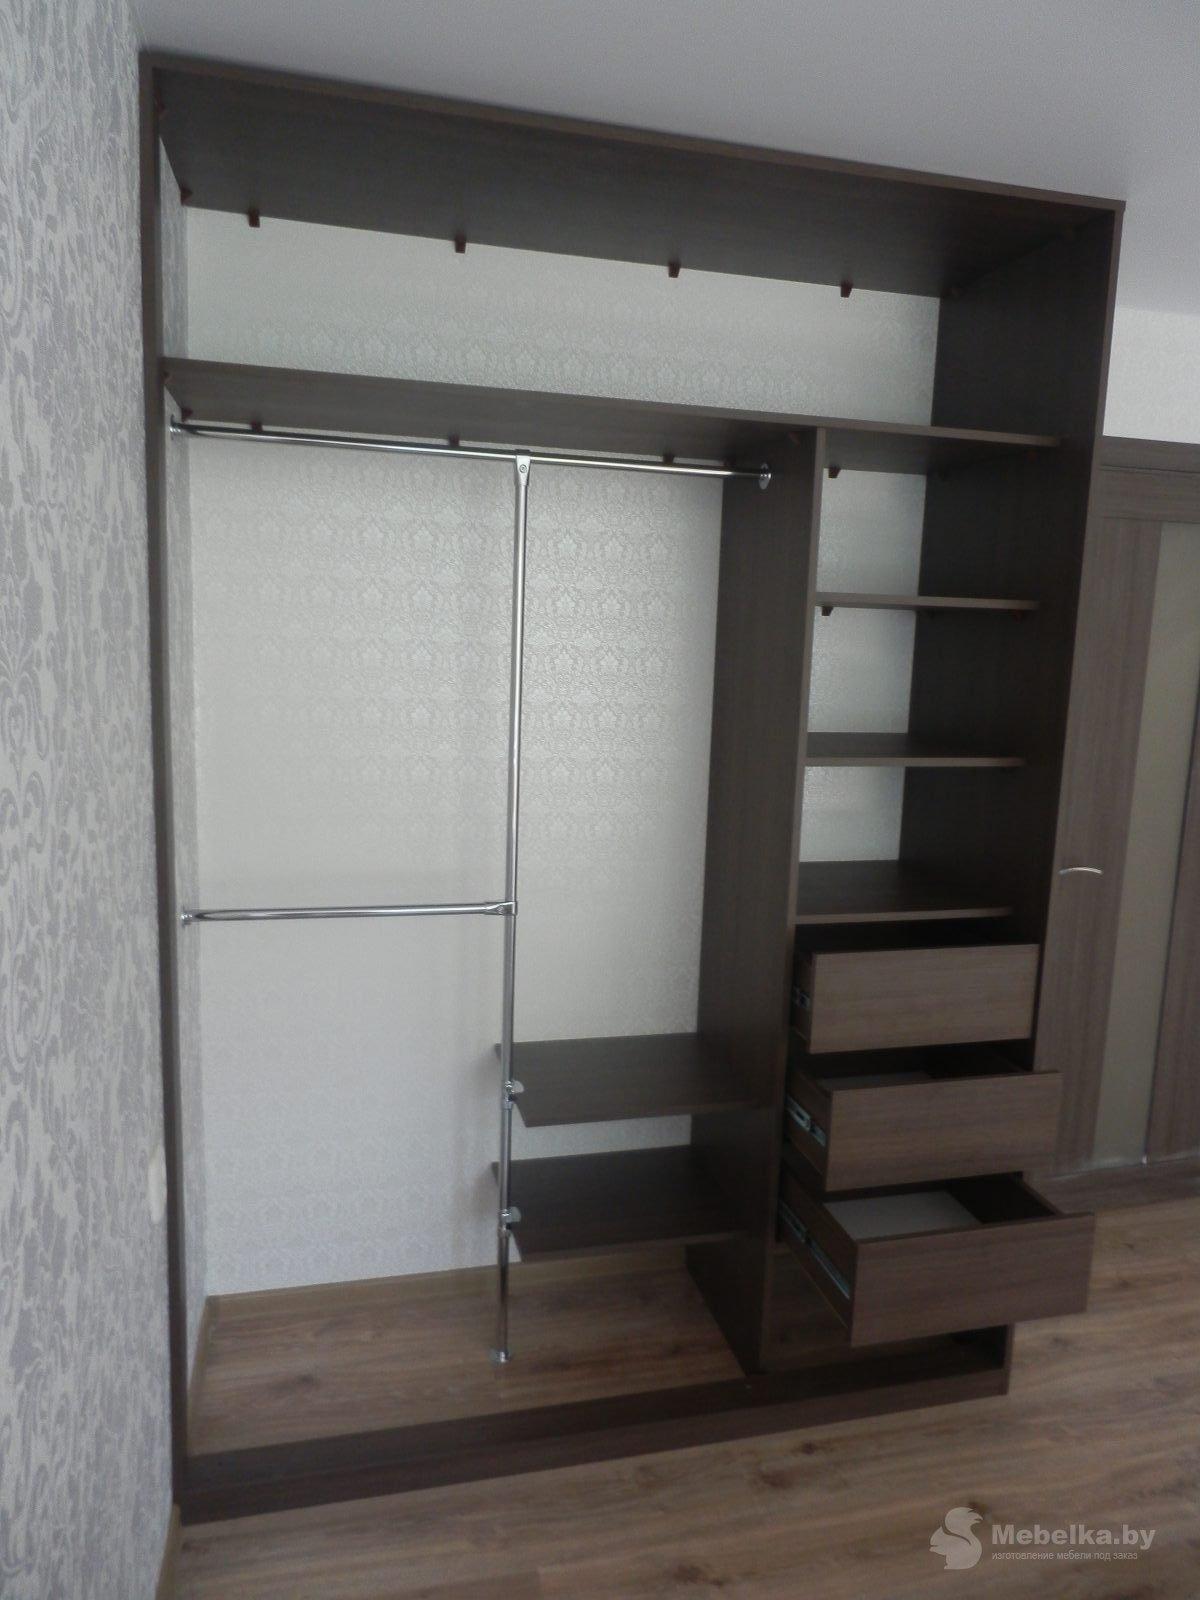 Шкаф-купе с пескоструйным рисунком на зеркале вид 3